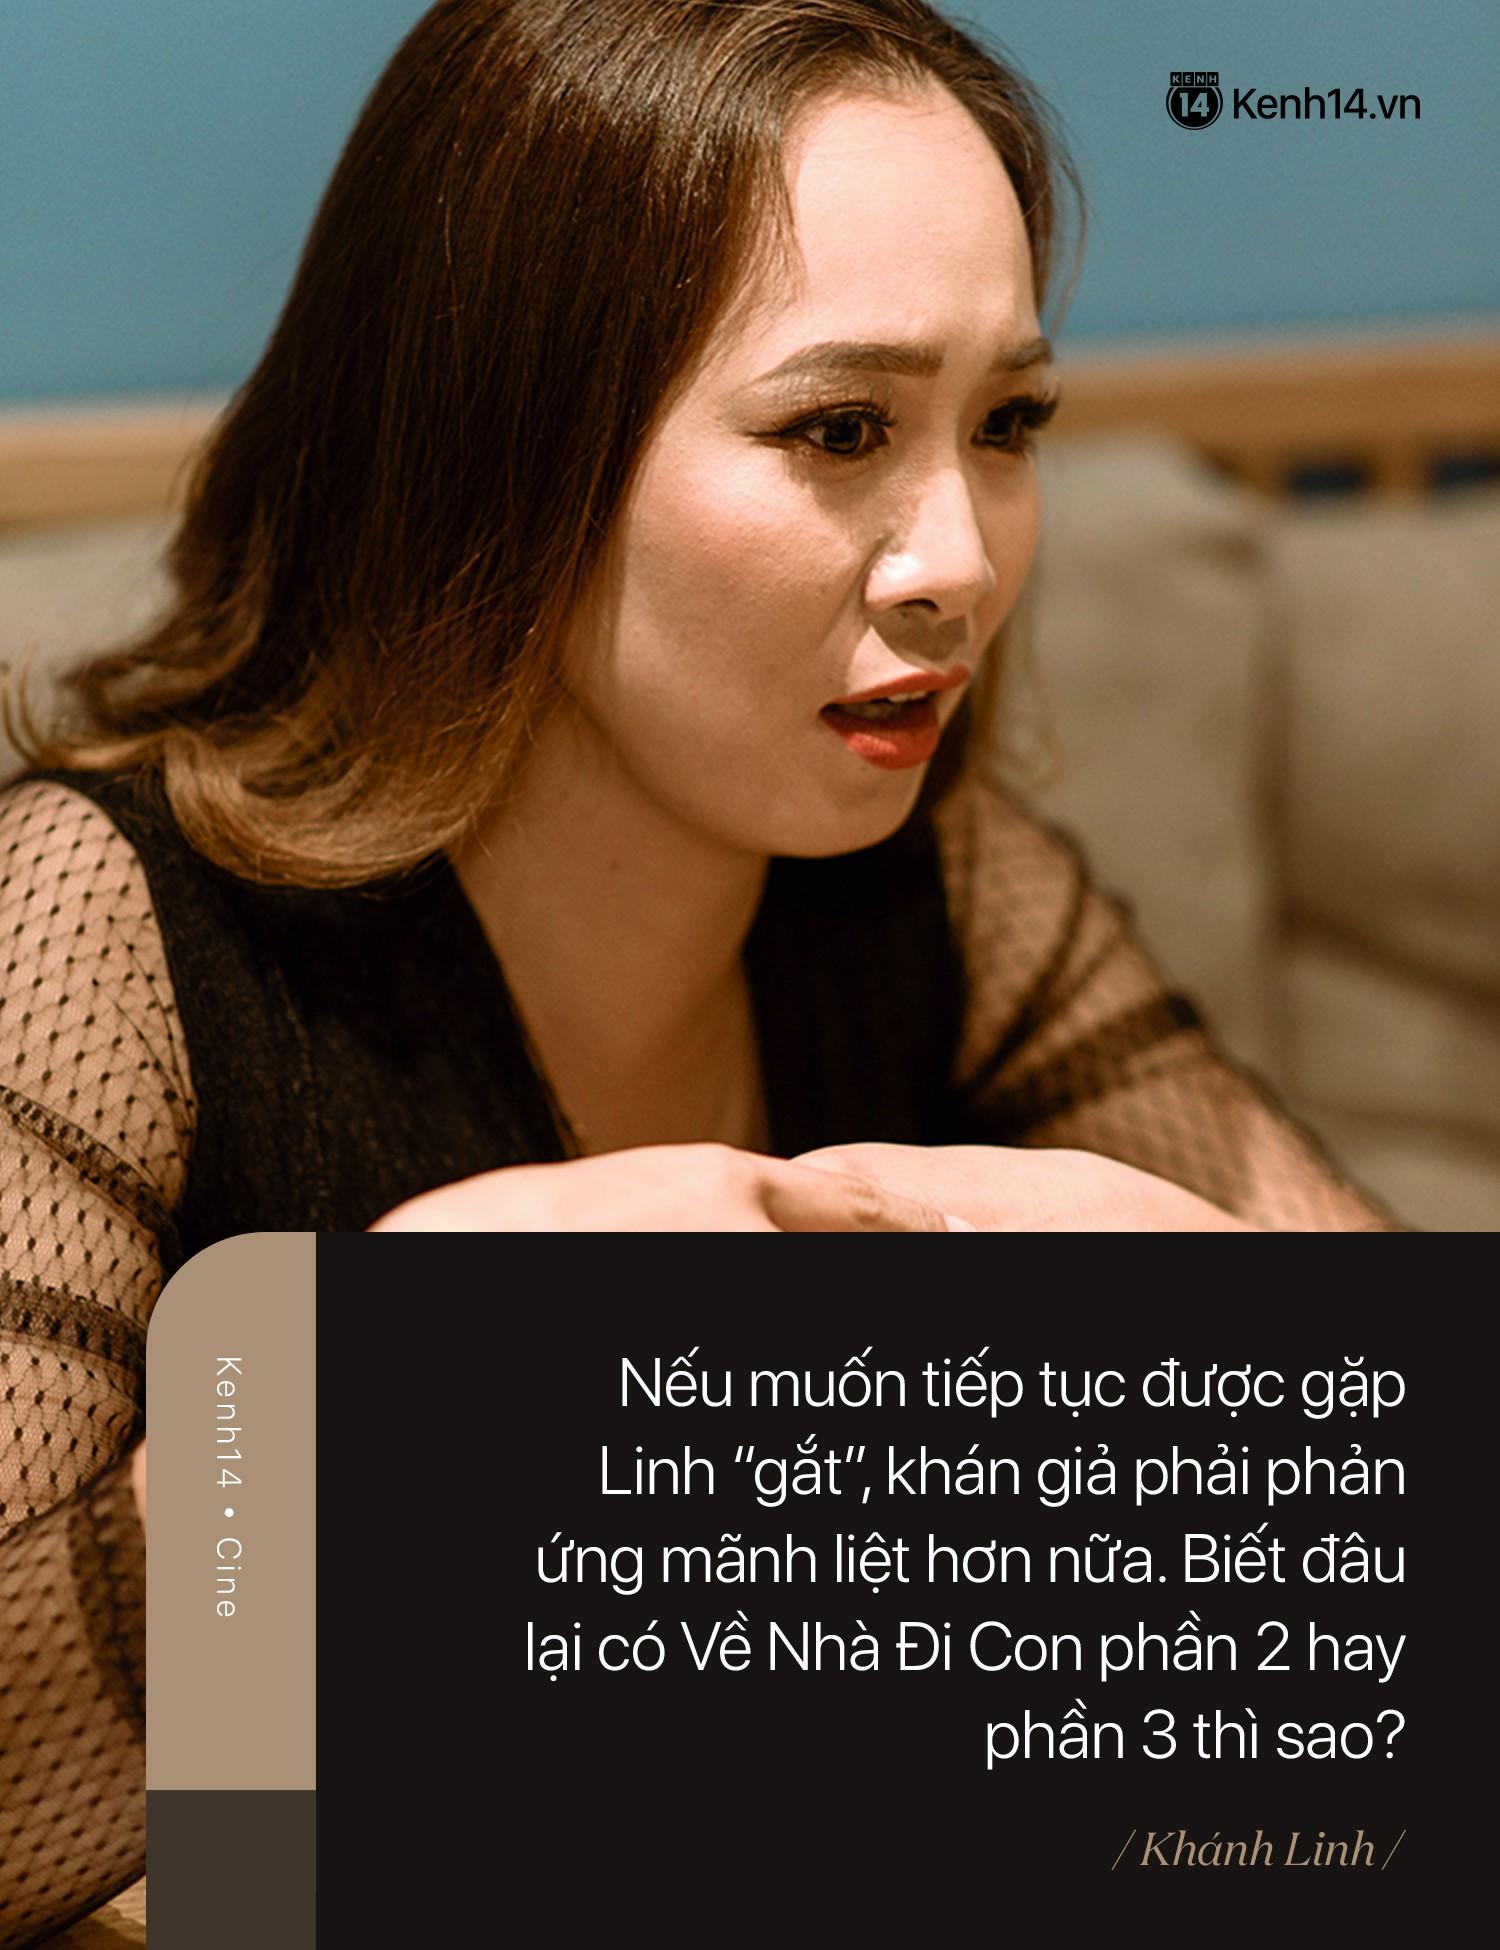 Cô bạn thân ai cũng muốn có trong đời - Linh (Về nhà đi con): Không có tình thì phải có tiền, sống thực tế để khỏi chơi vơi! - Ảnh 10.